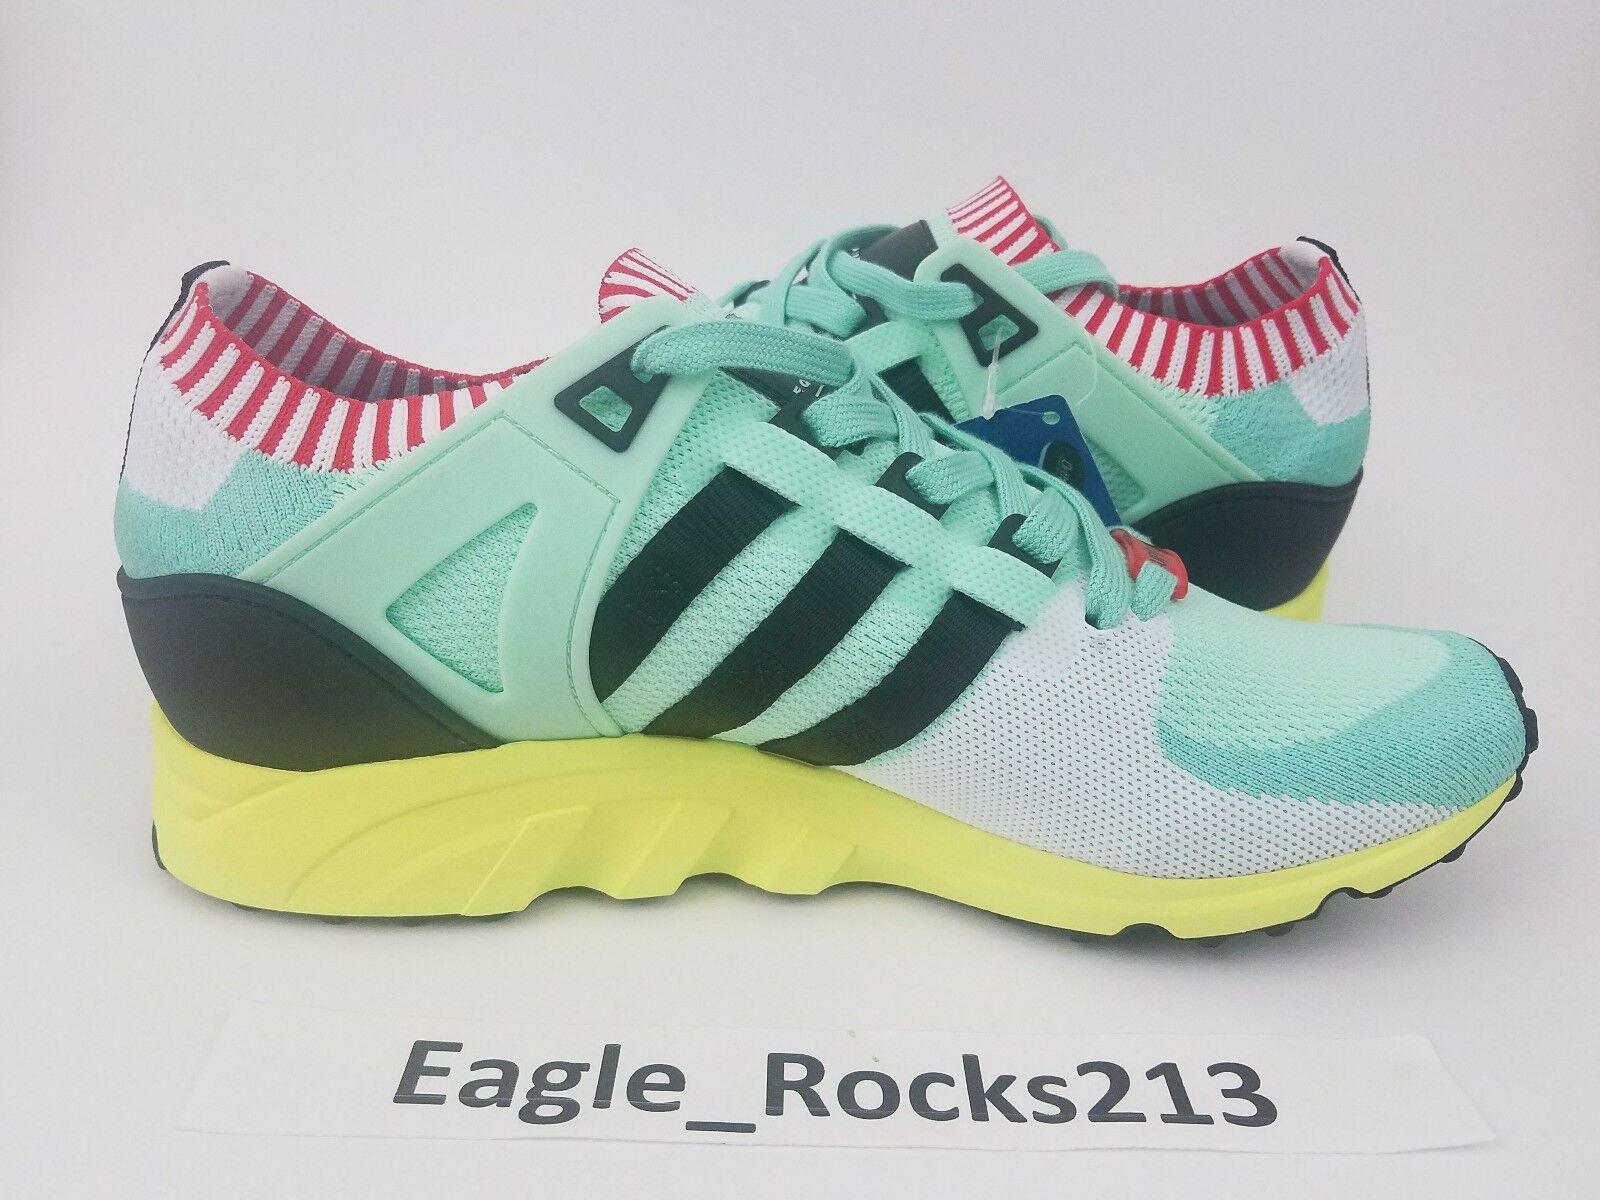 160 Adidas EQT Support 93 PK Running Shoes Mens Sz 9 Frozen Green BA7506 NEW